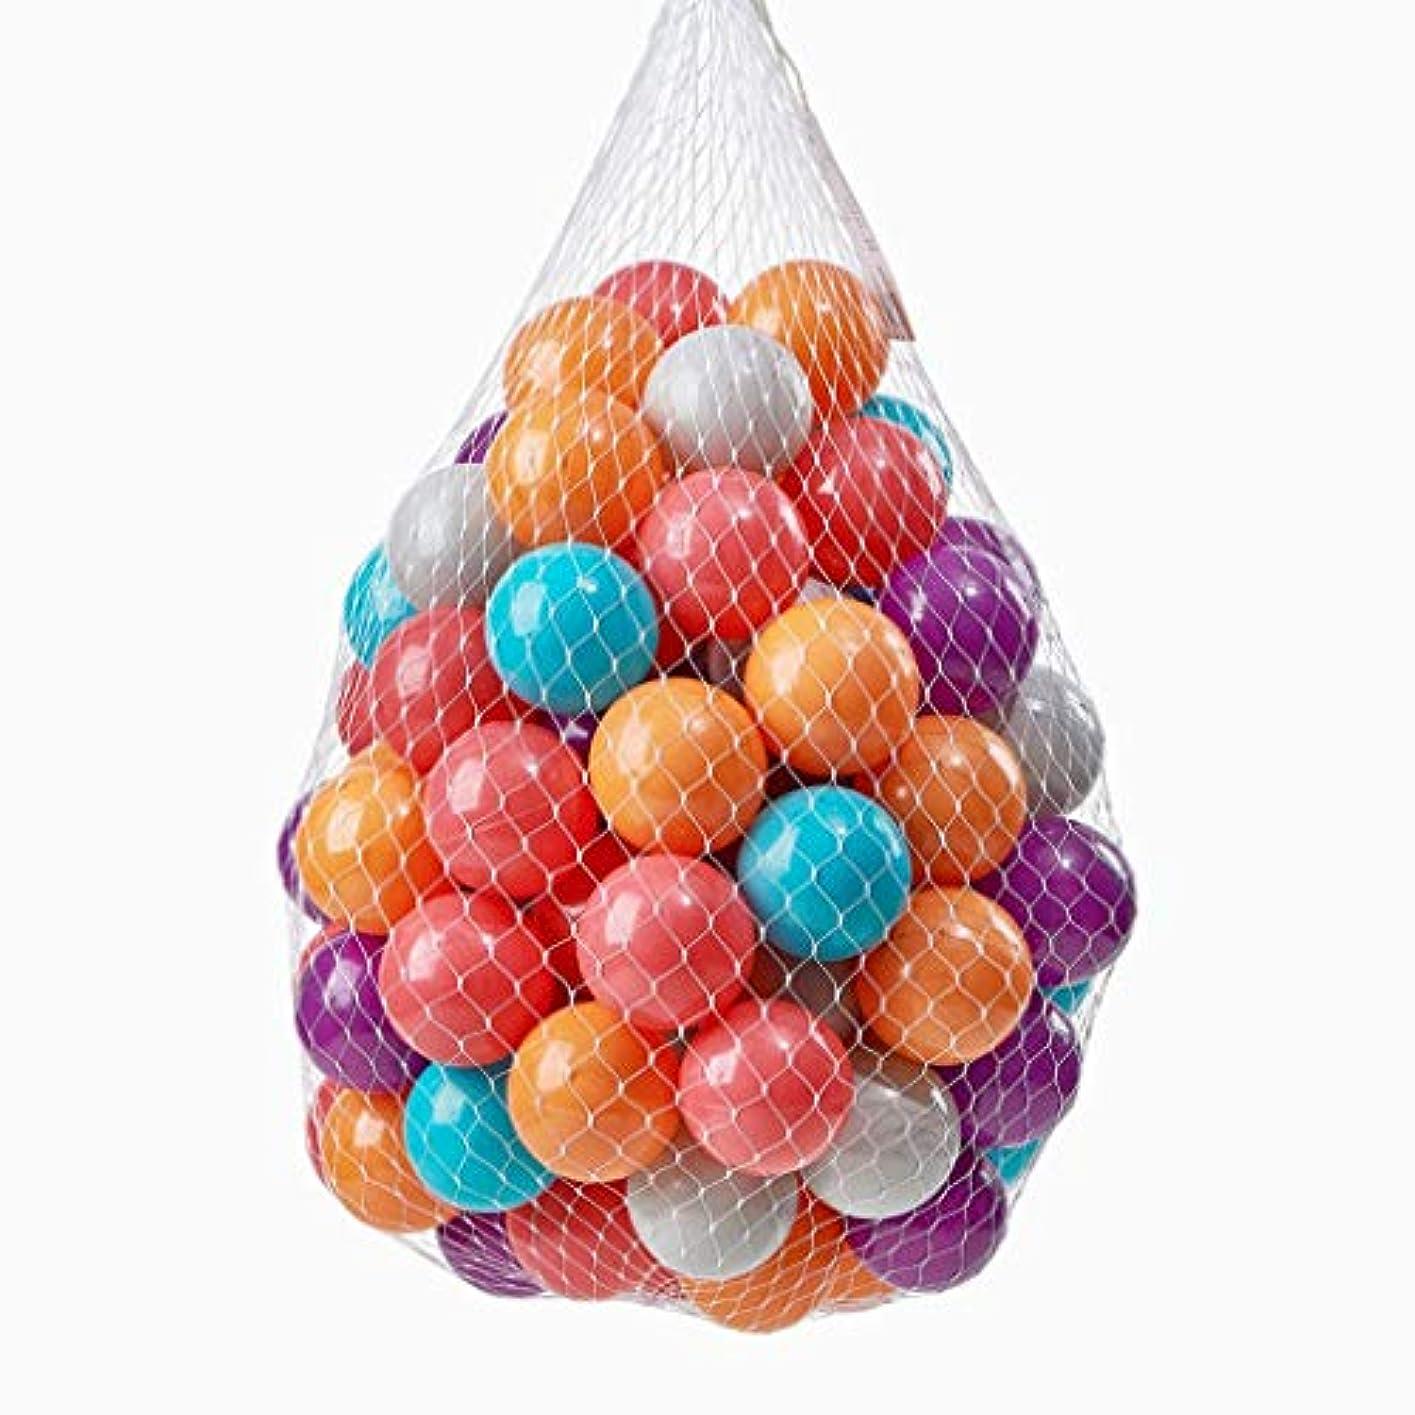 悲鳴主権者温室オーシャンボールカラフルなゲームボール環境保護肥厚非毒性ピットボールの100pcsベビークラッシュ耐力ボール子供のおもちゃボールお祝いデコレーションボール (Color : Multi-colored)